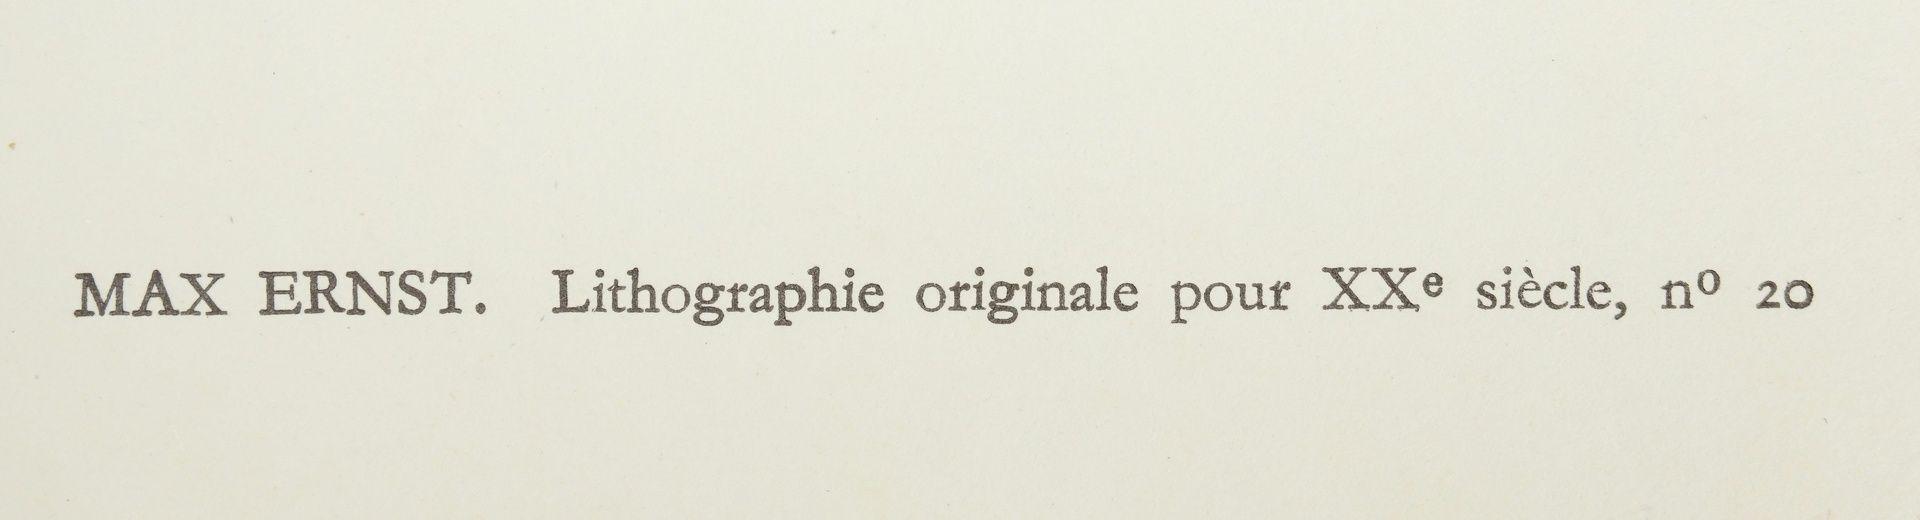 """Max Ernst, """"La forêt bleue"""" (Der blaue Wald) - Bild 4 aus 4"""